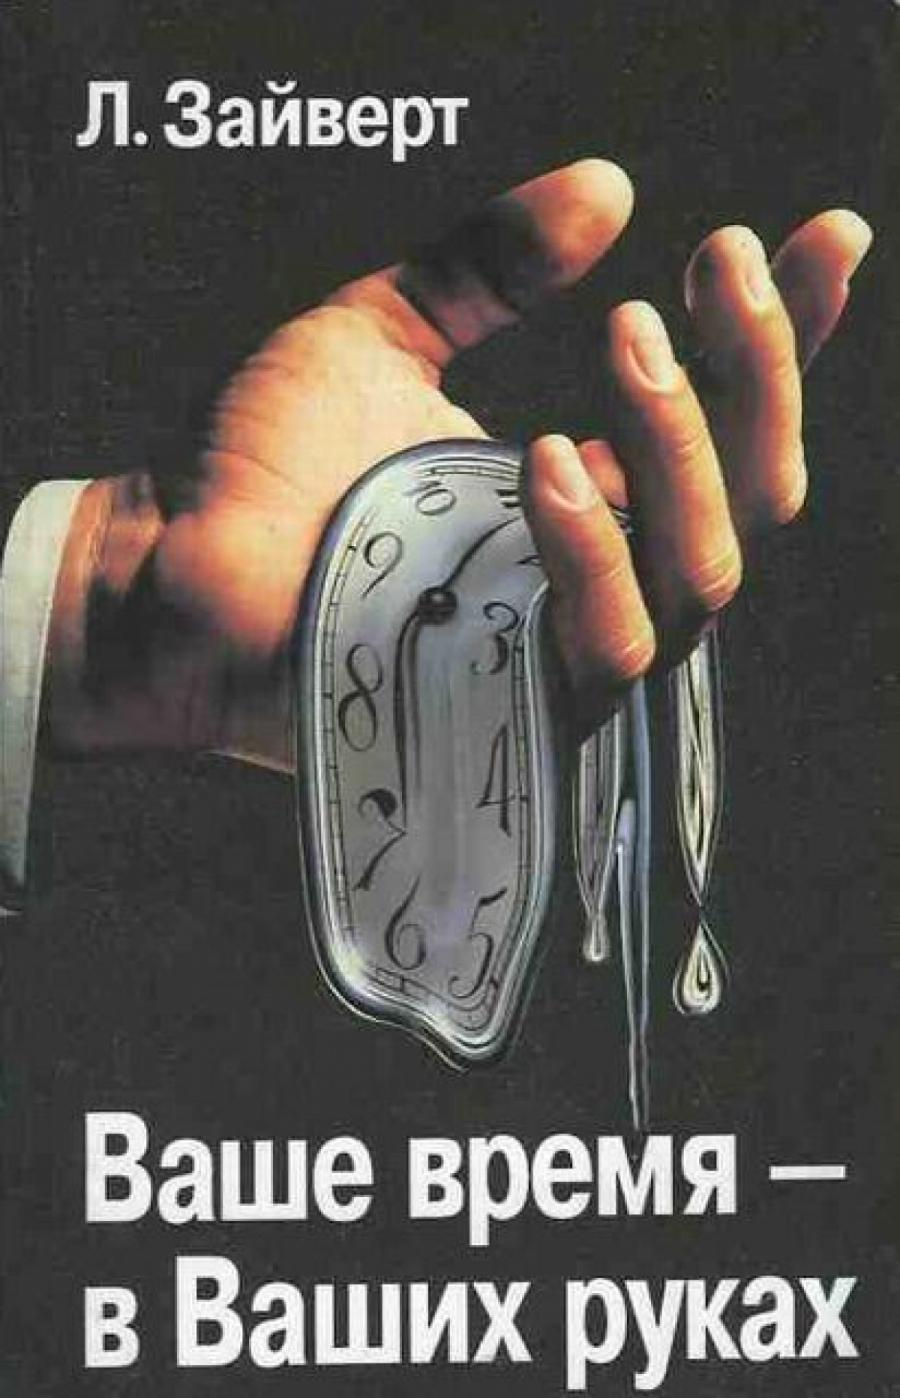 Обложка книги:  лотар зайверт - ваше время - в ваших руках